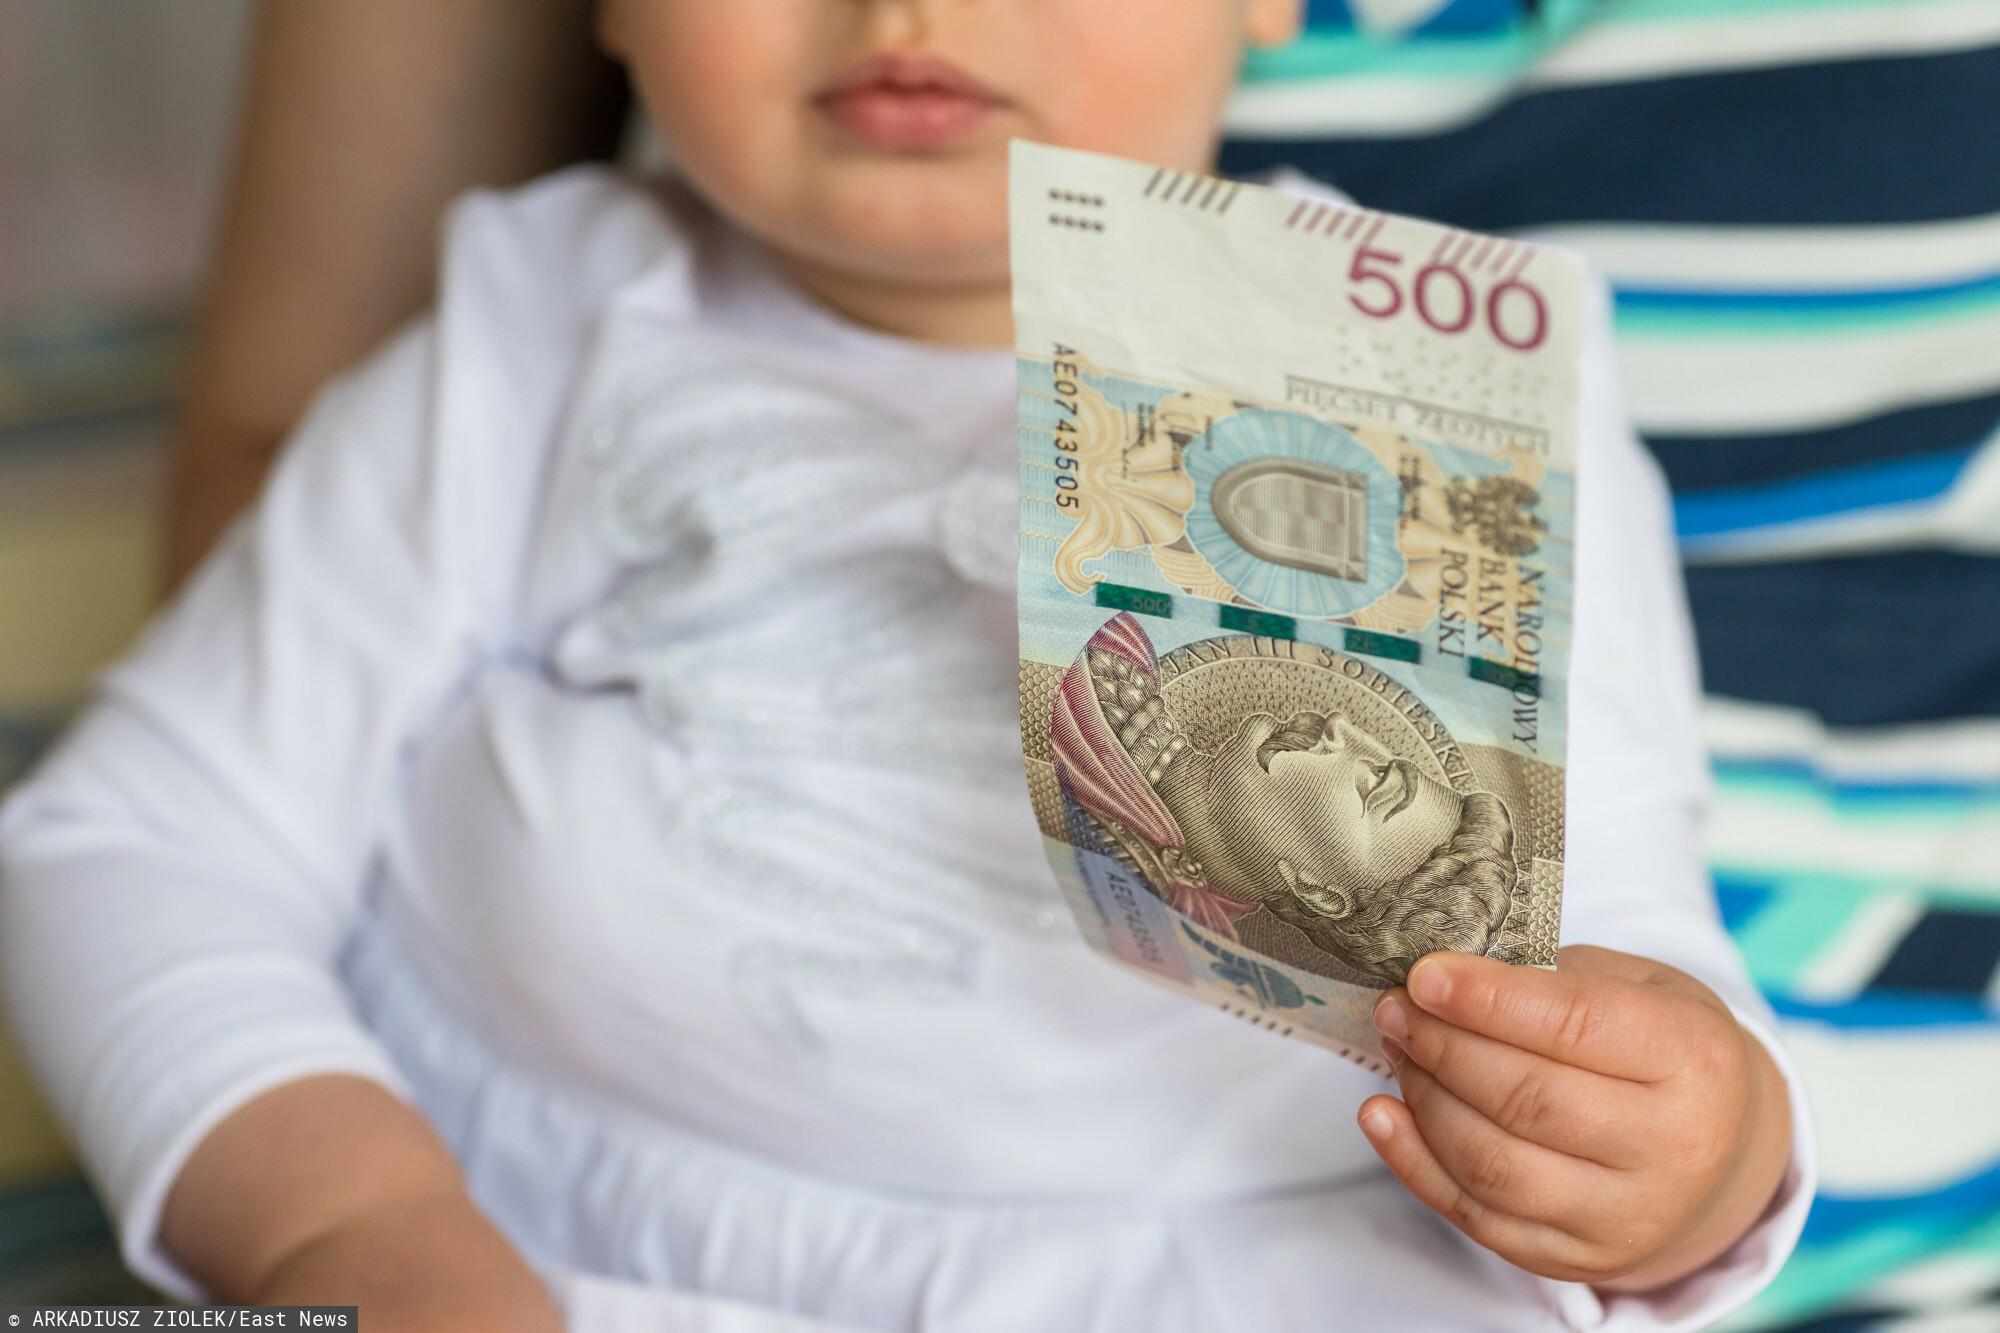 fot: Arkadiusz Ziolek/ East News. 16.07.2019. n/z Niemowlak trzyma banknot 500 zl.